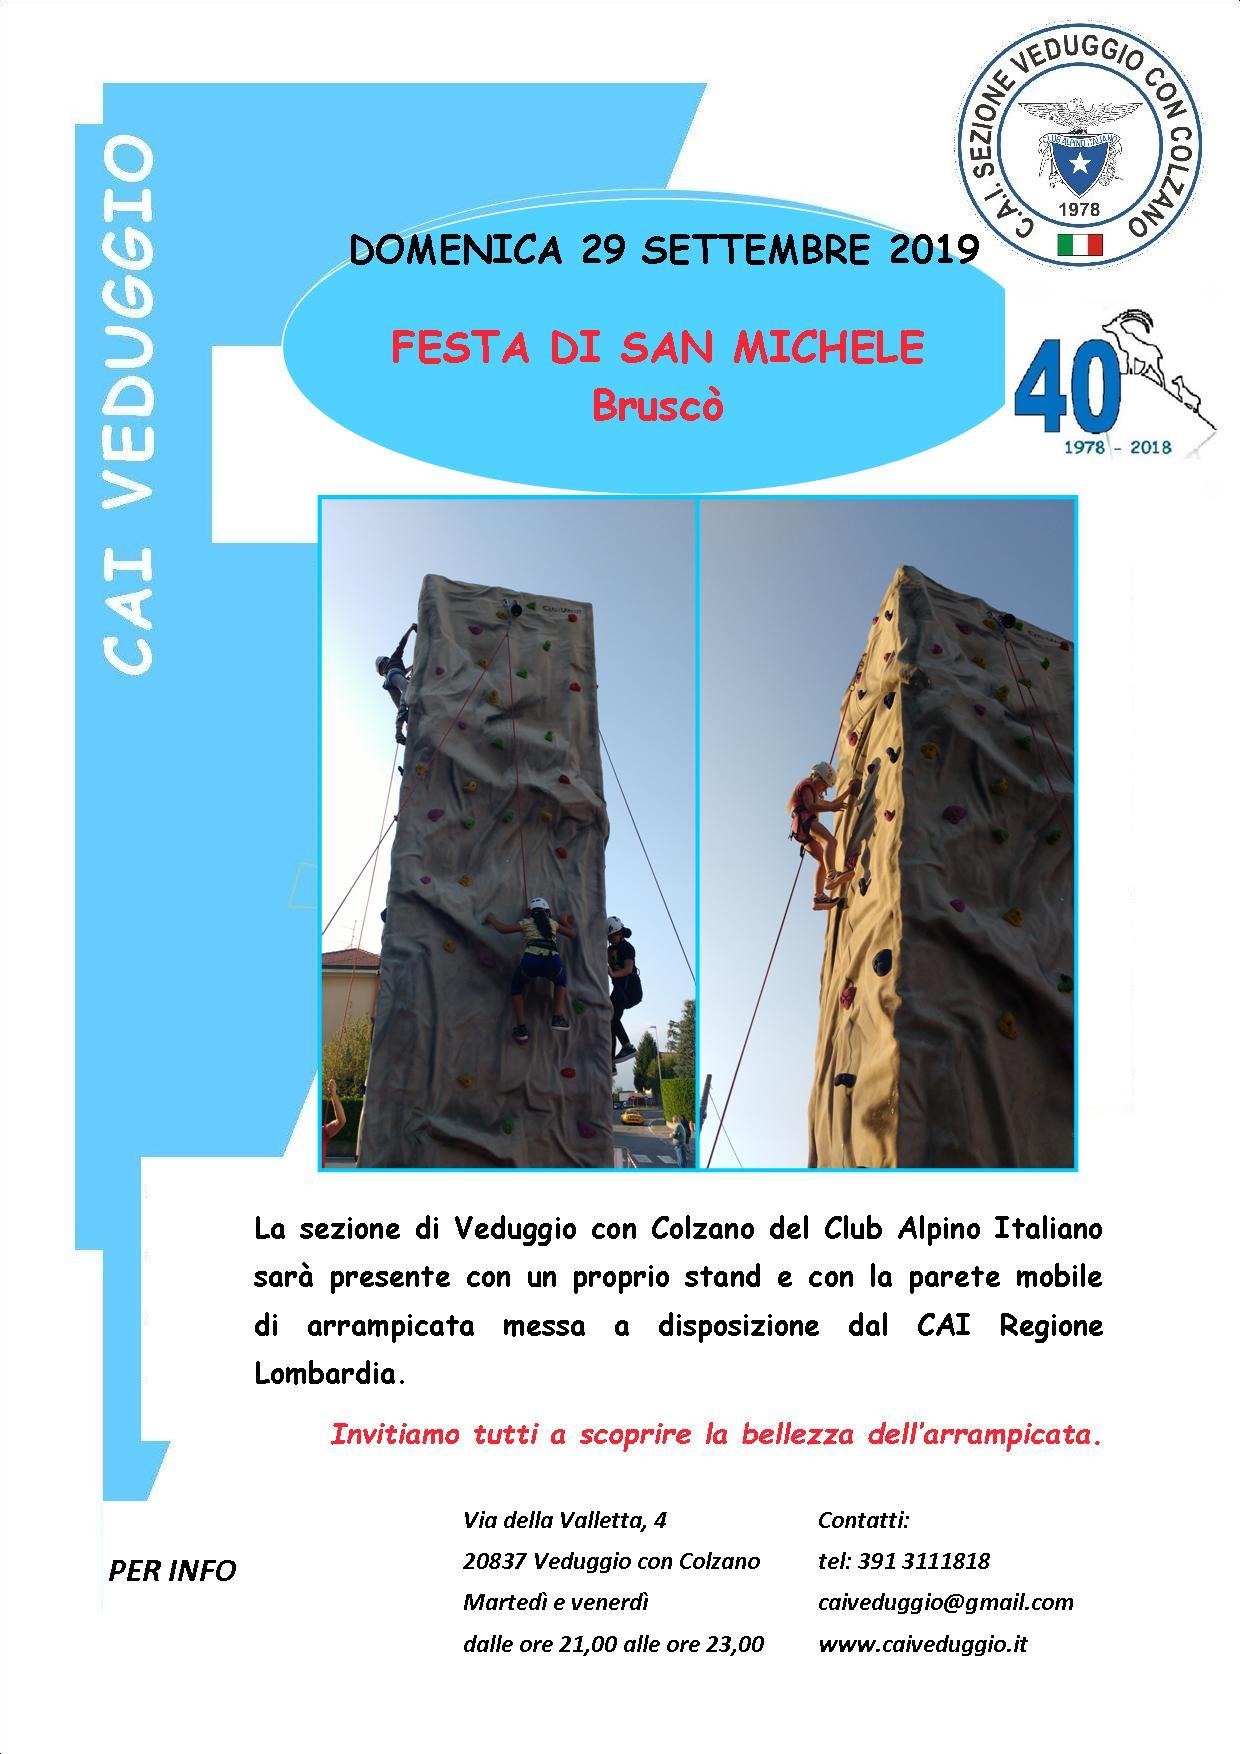 Domenica 29 settembre 2019 – Festa di San Michele nel rione Bruscò